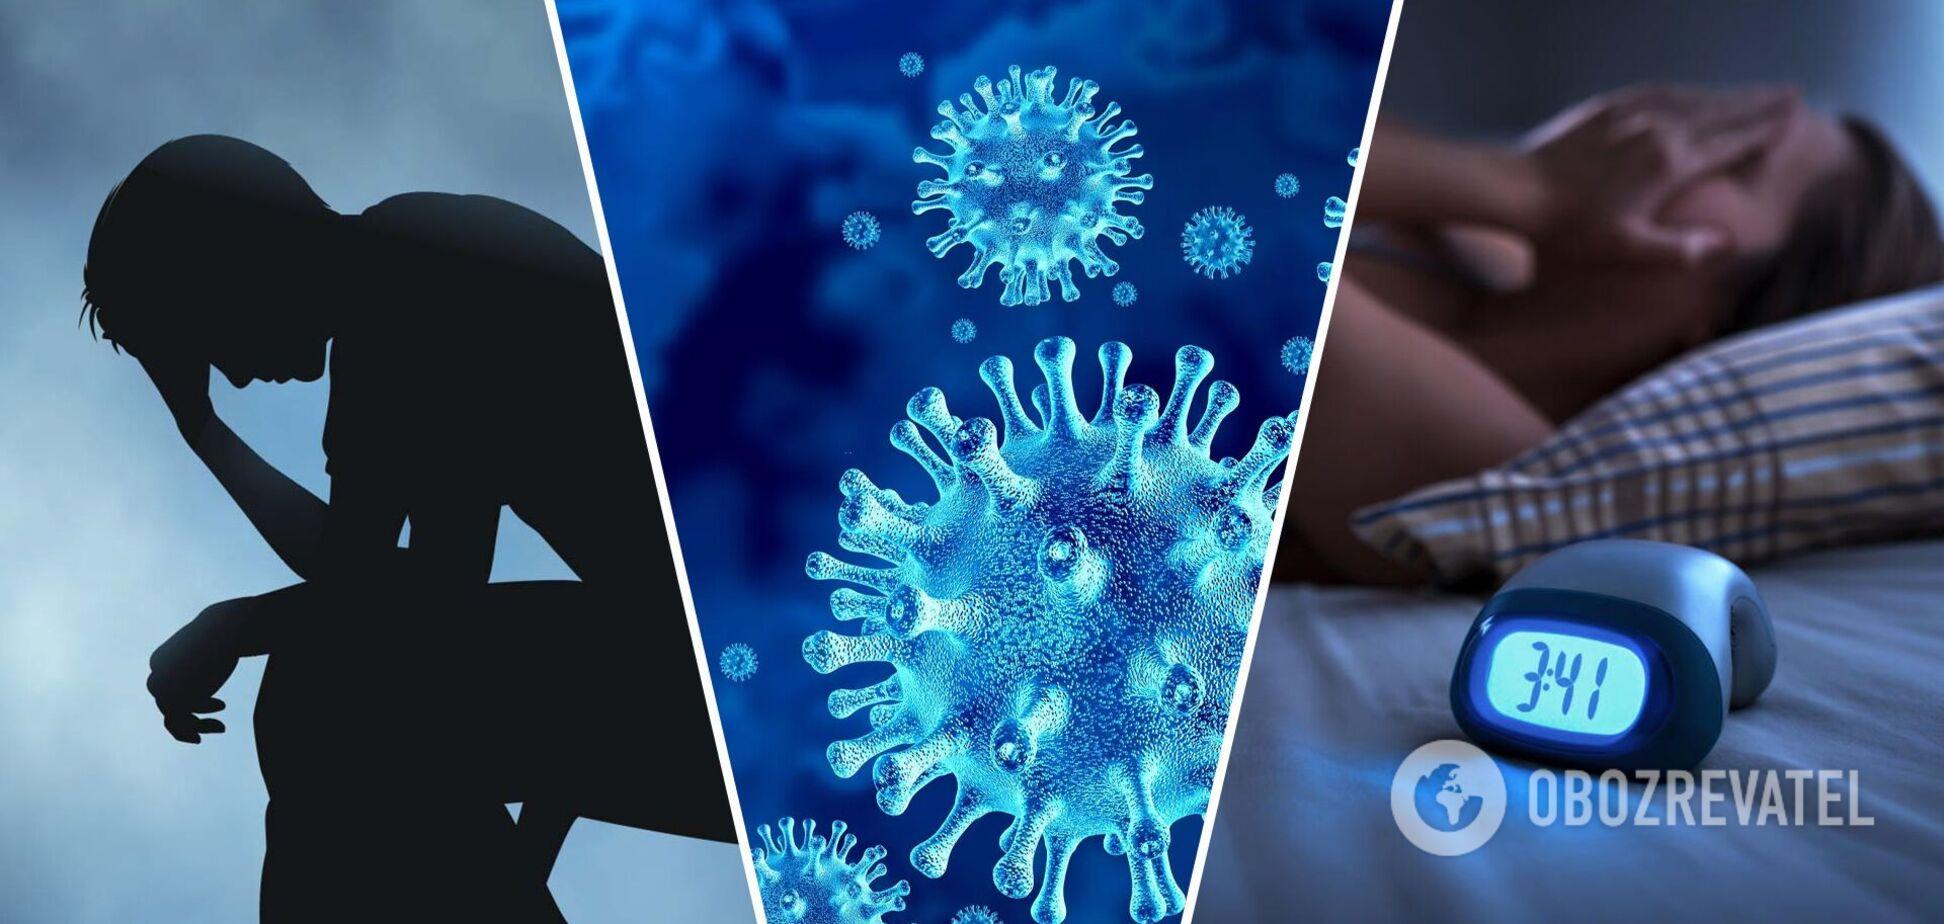 Українці, що перехворіли на коронавірус, масово скаржаться на проблеми зі здоров'ям, які він спровокував